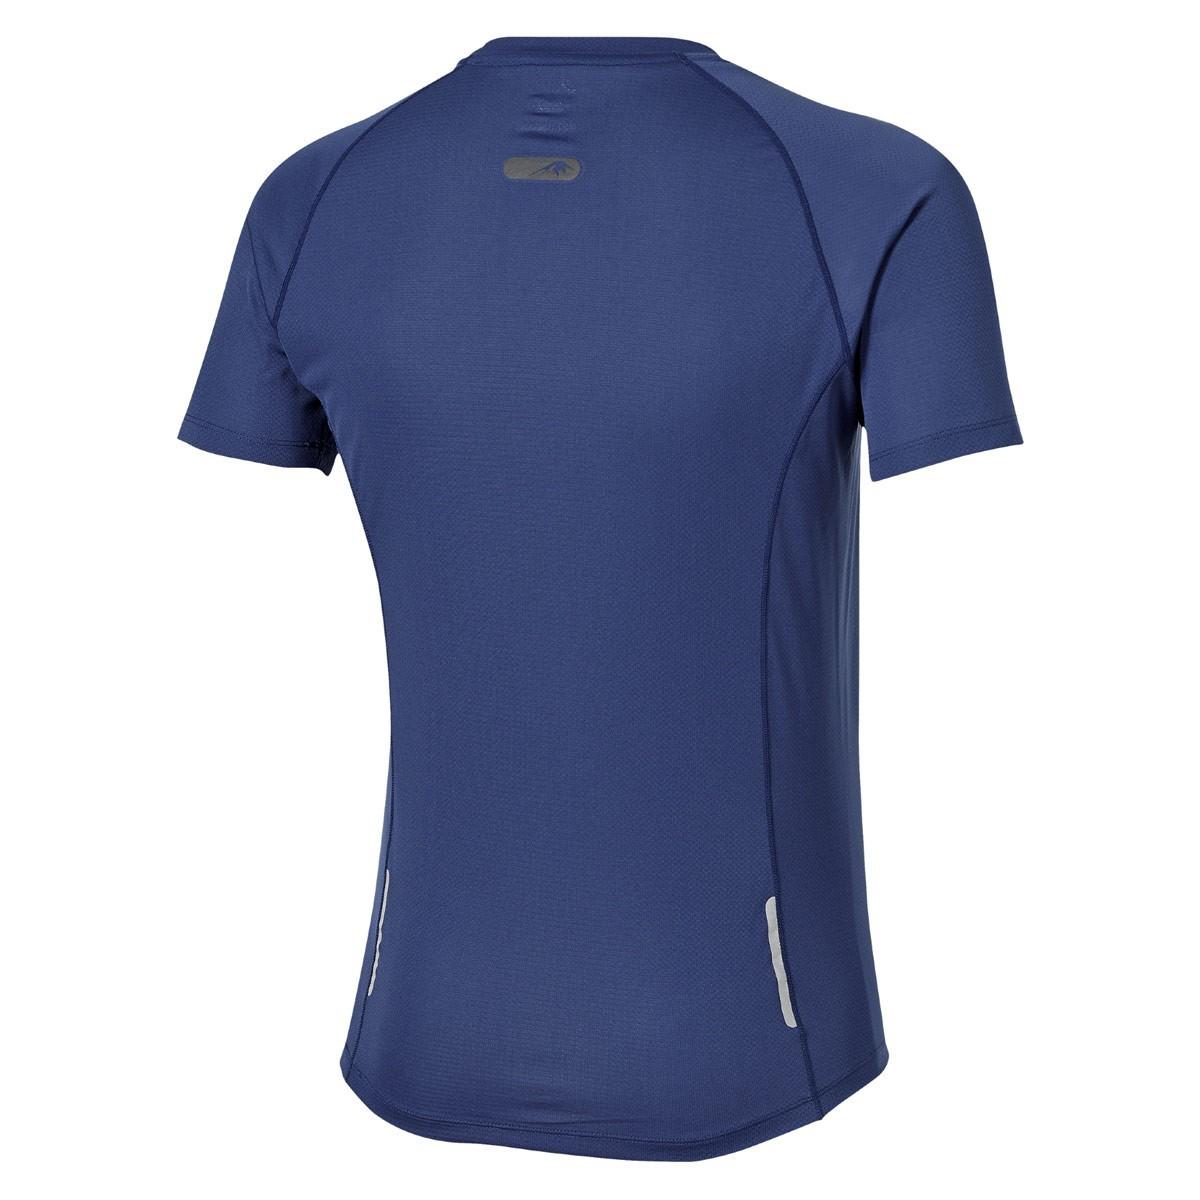 Мужская одежда для бега Asics FujiTrail Ultra Top (130006 8133) синяя фото